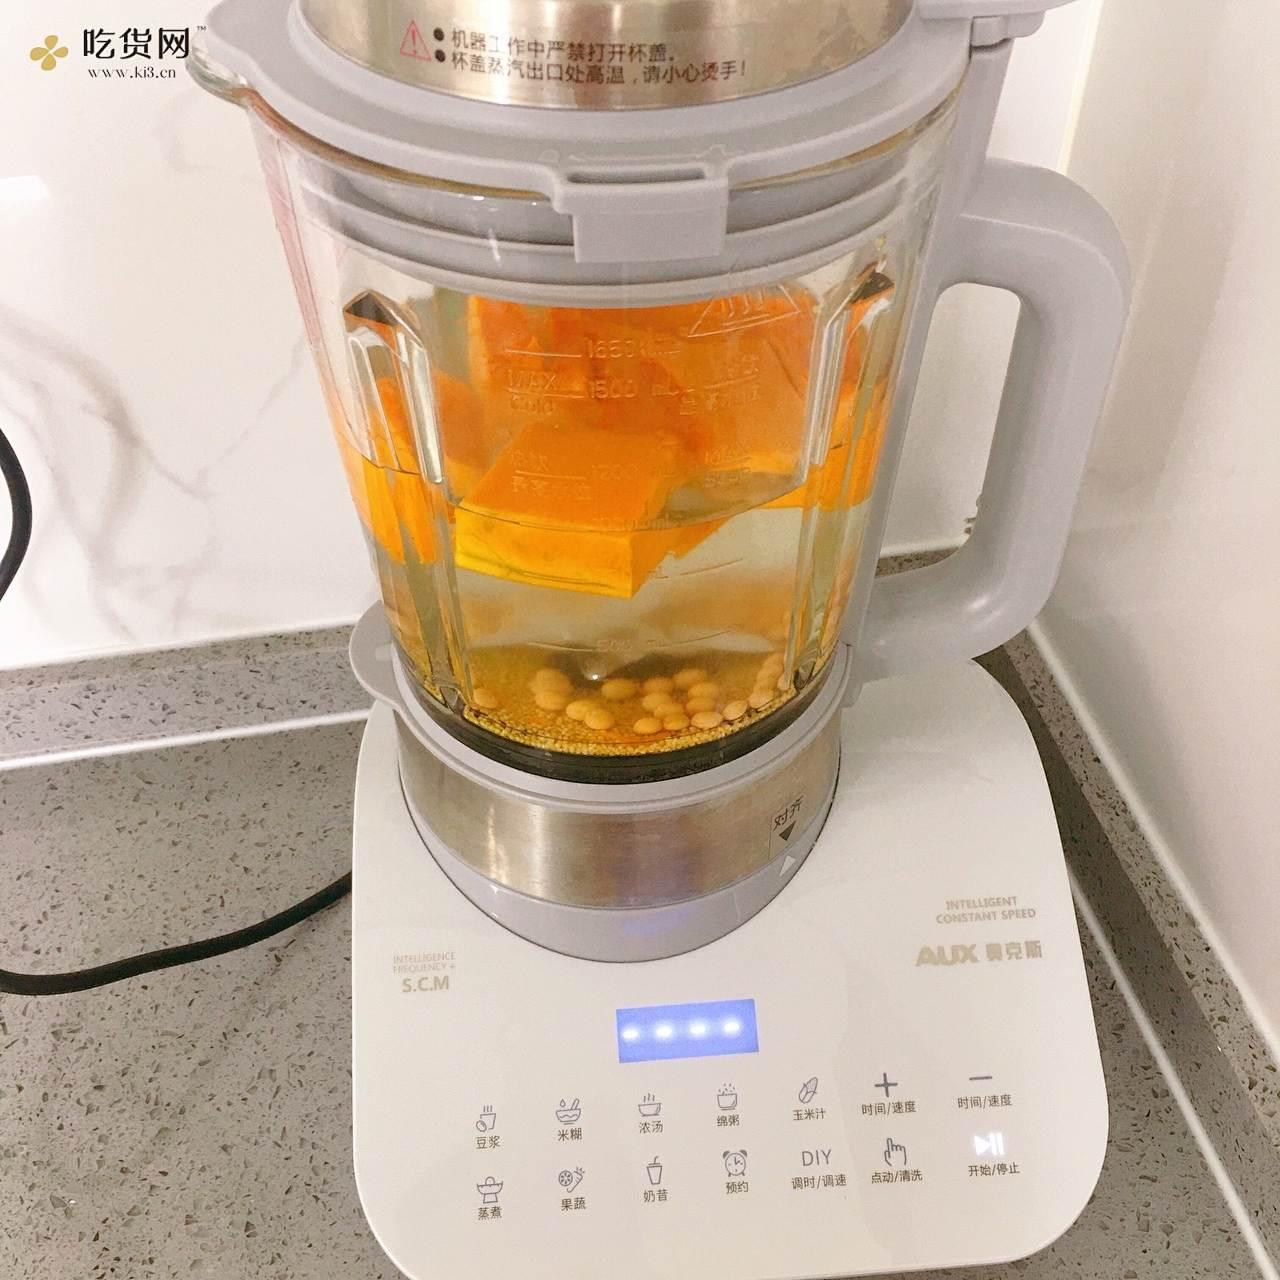 南瓜,黄豆,小米浓汤的做法 步骤3